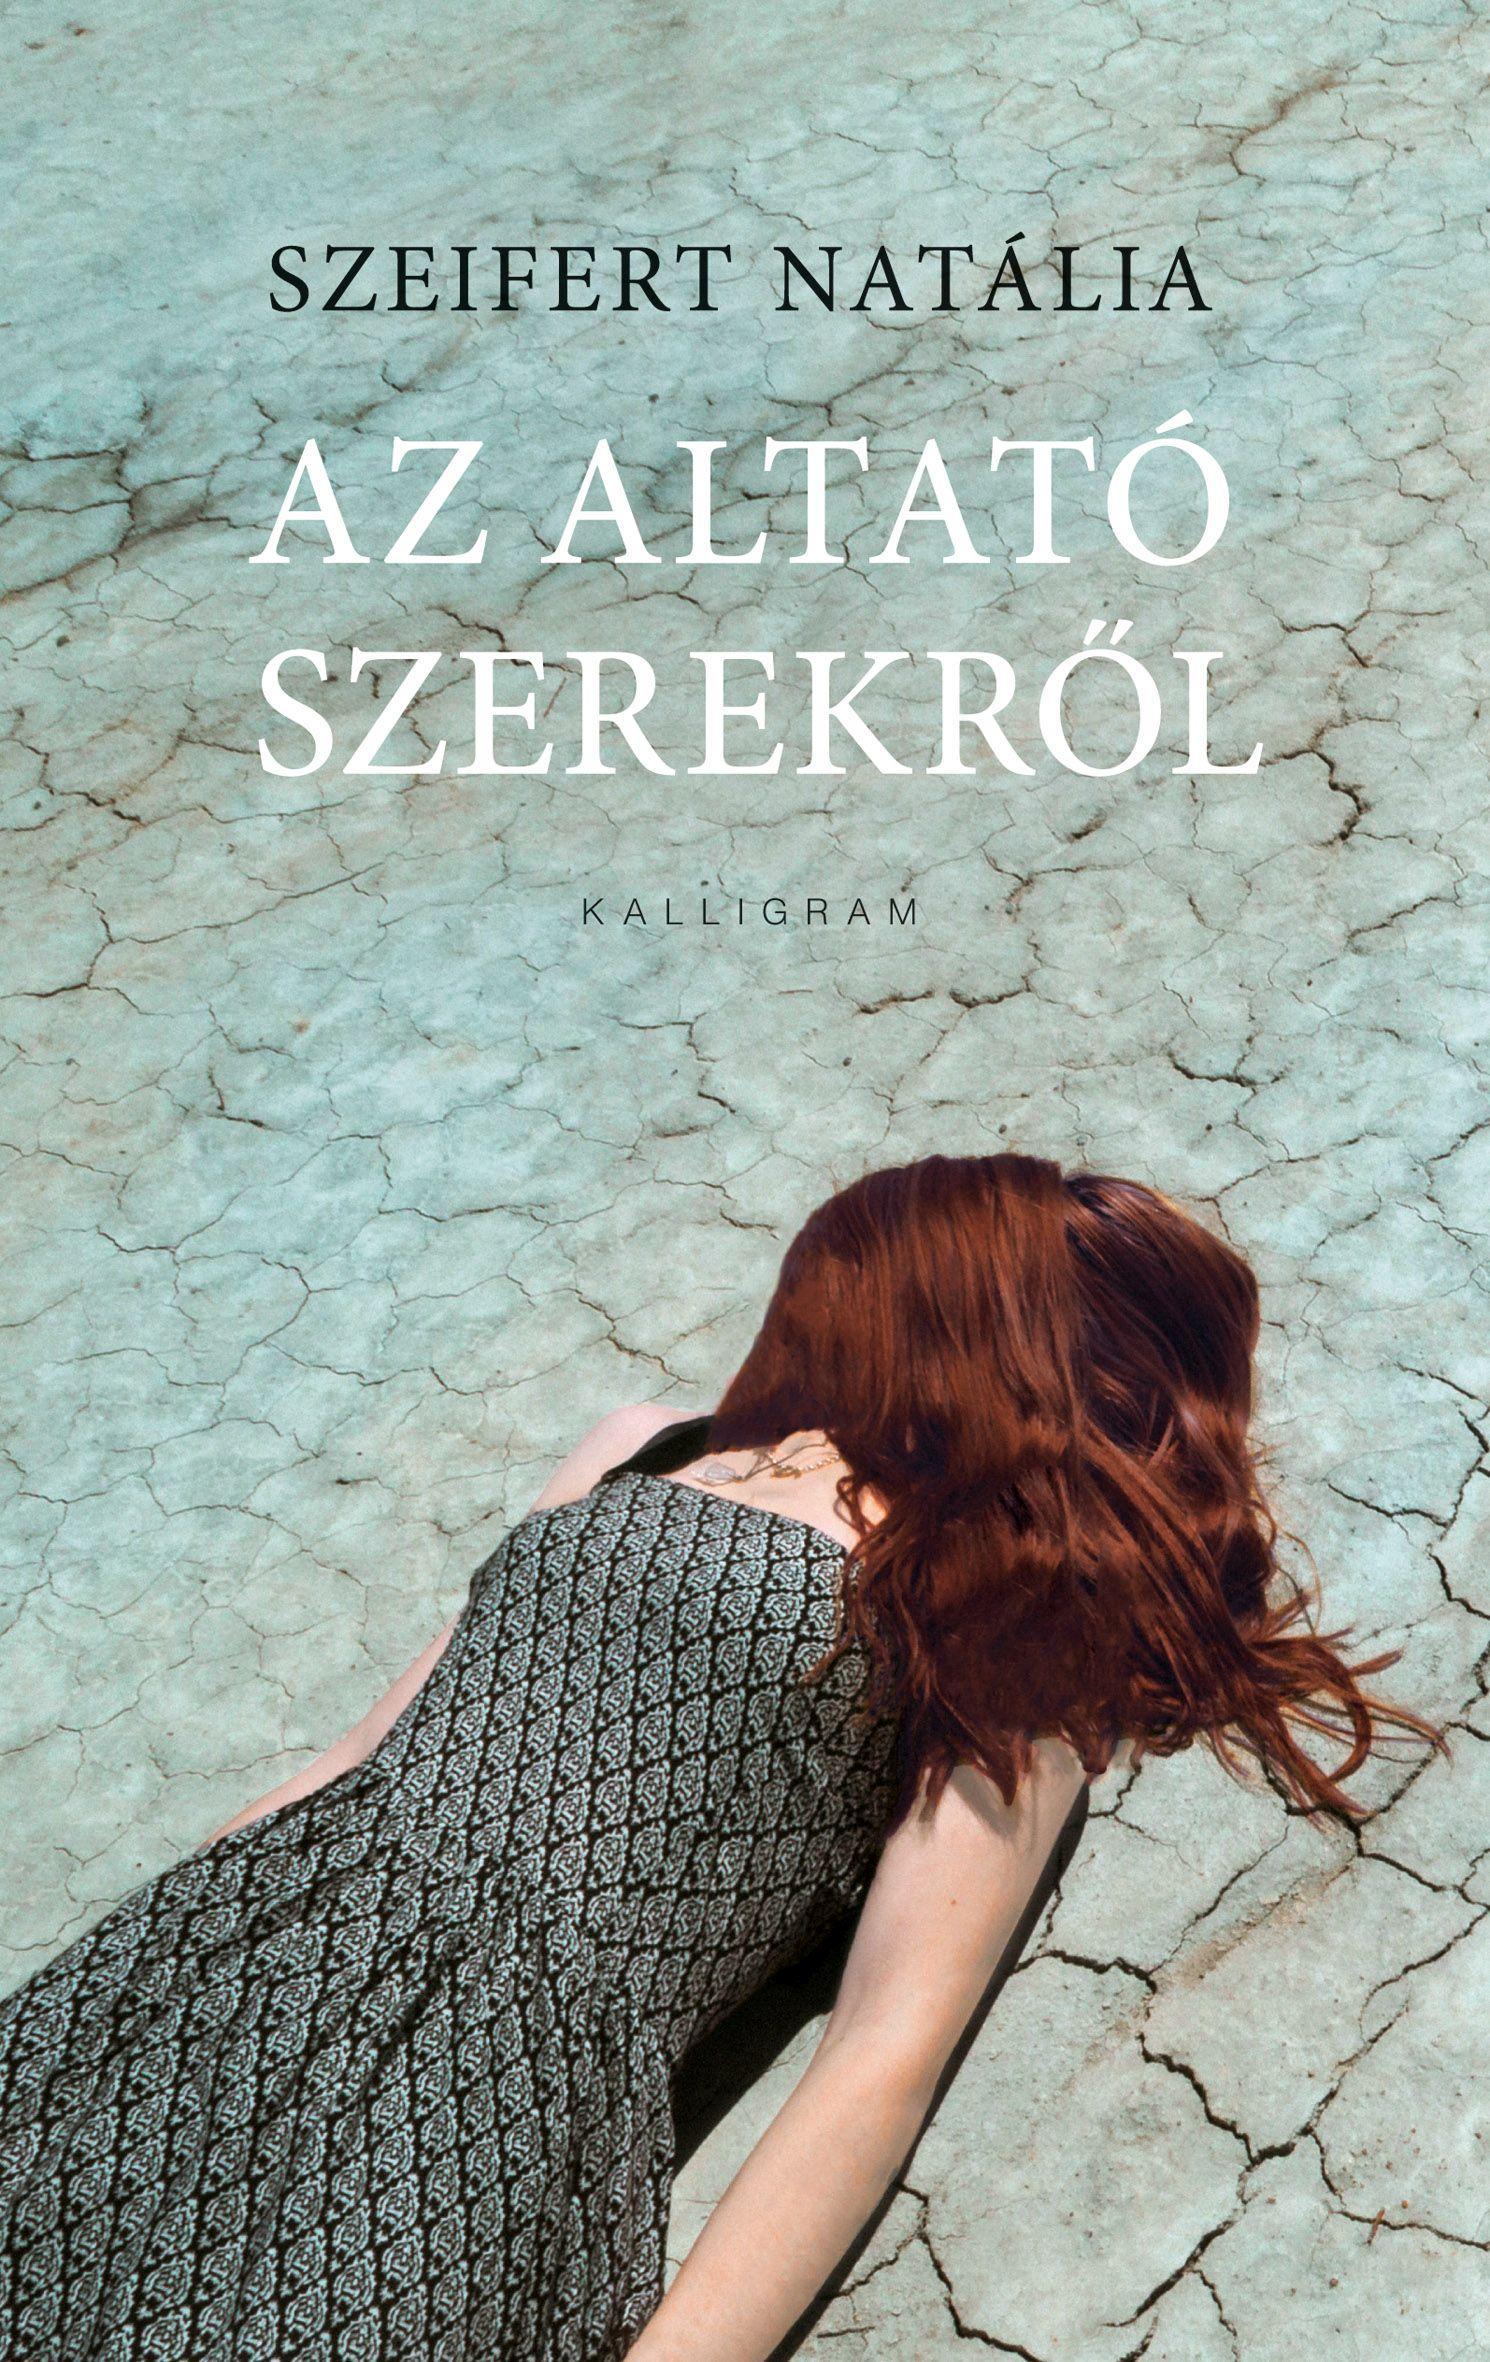 SZEIFERT NATÁLIA - AZ ALTATÓ SZEREKRŐL